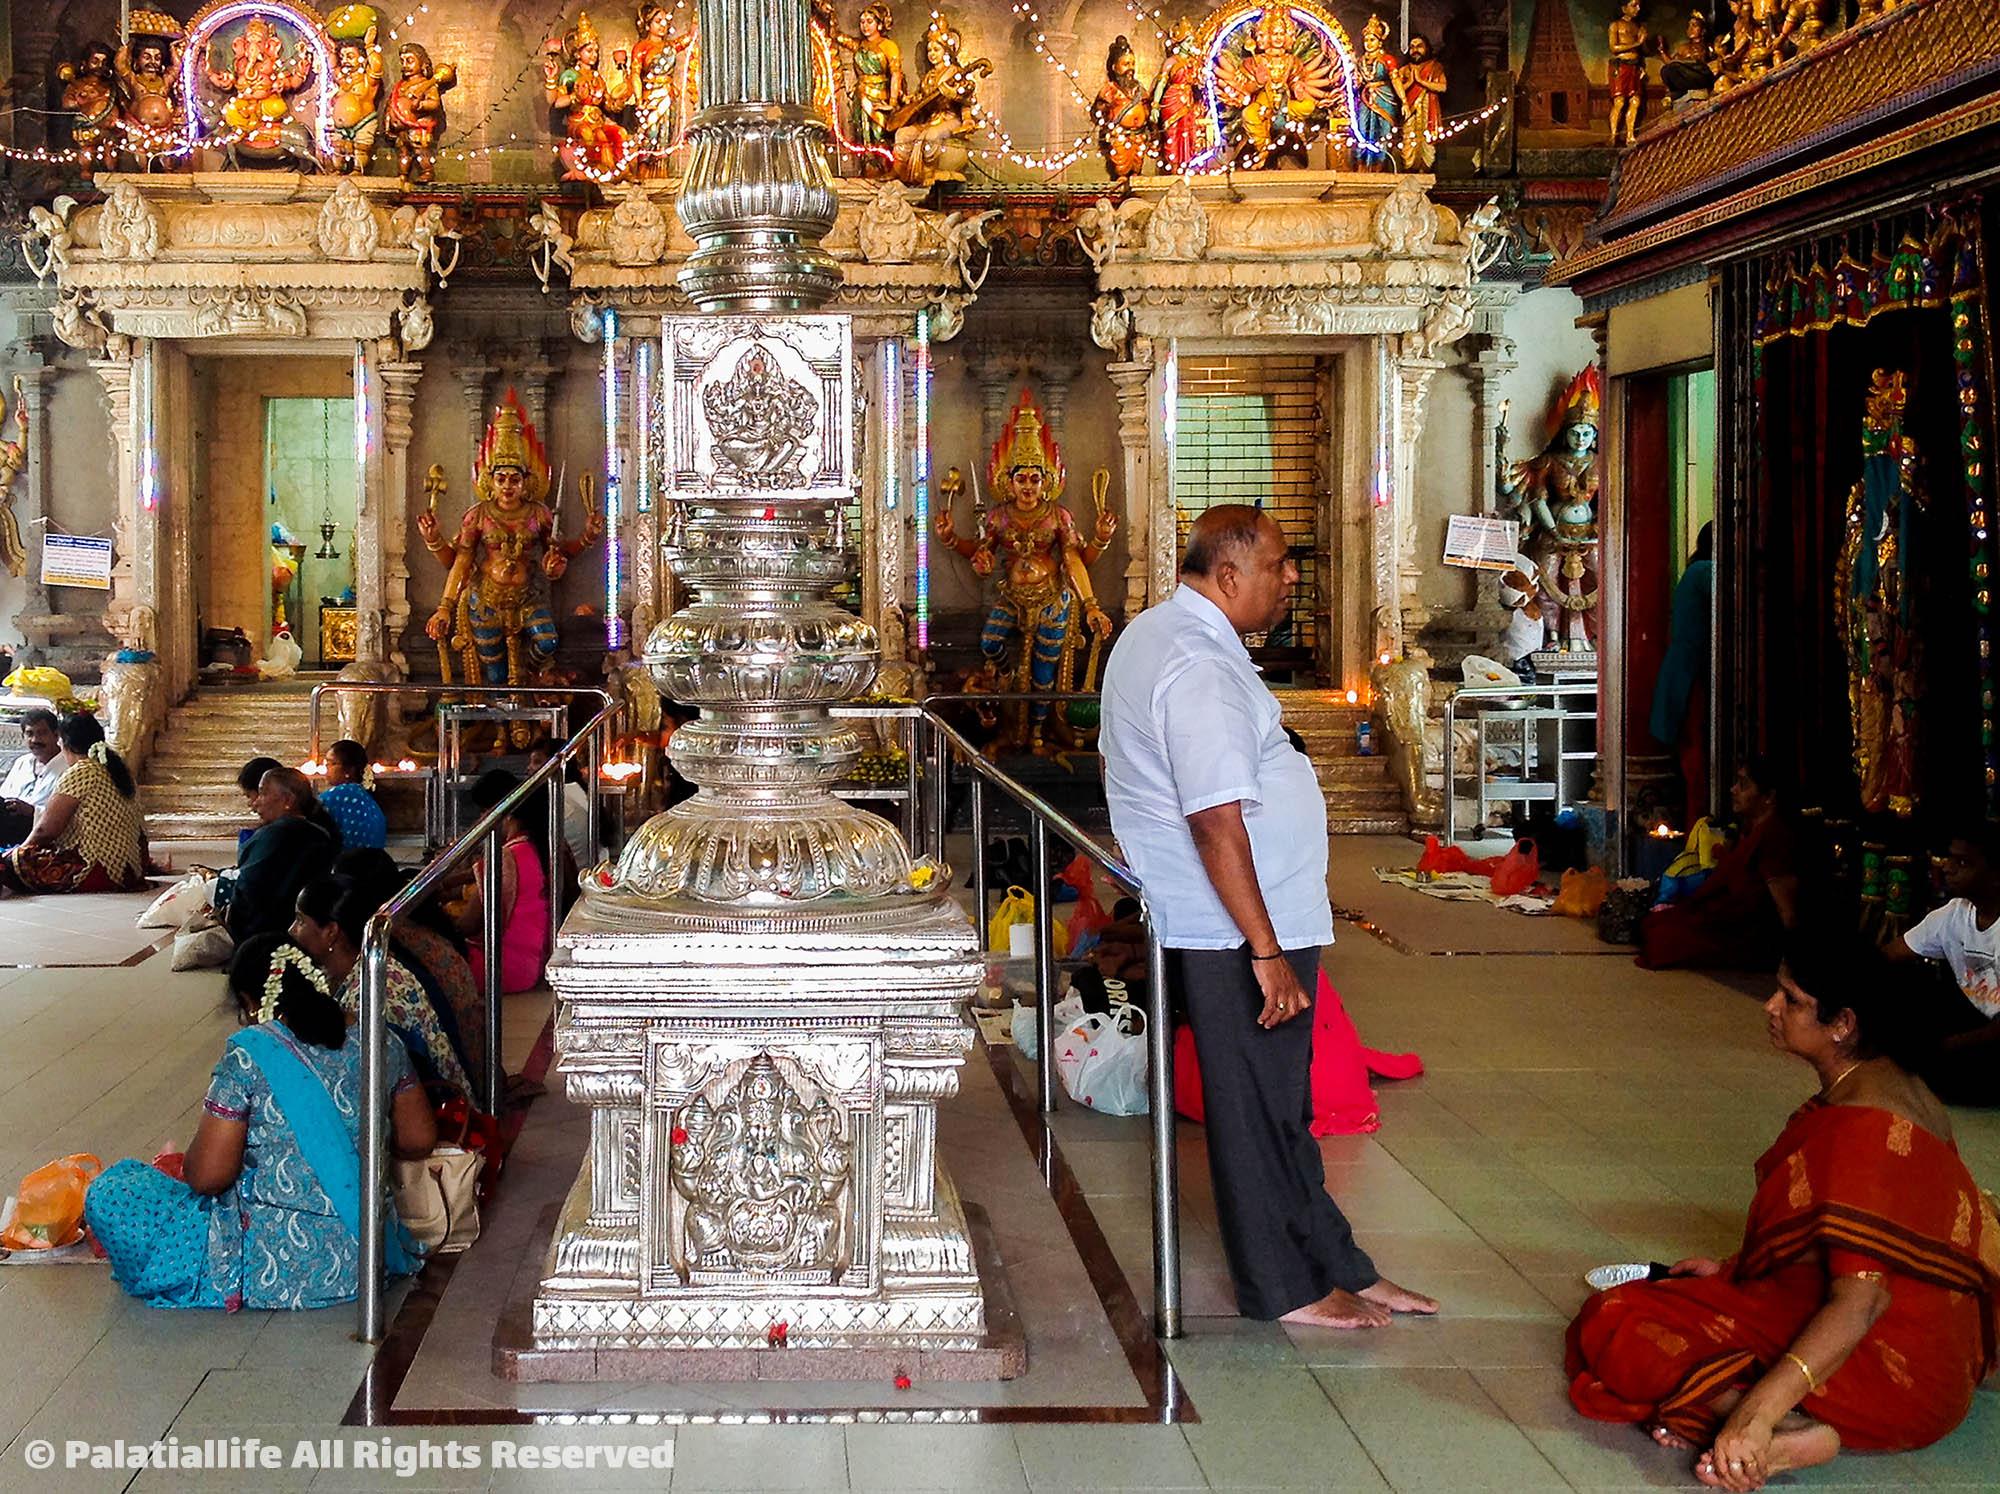 วัดศรี วิรามกาลีอัมมัน Sri Veeramakaliamman Temple  สิงคโปร์ เที่ยวเตร็ดเตร่ไปตาม 5 ย่านยอดฮิตที่ไม่ควรพลาด IMG 3381